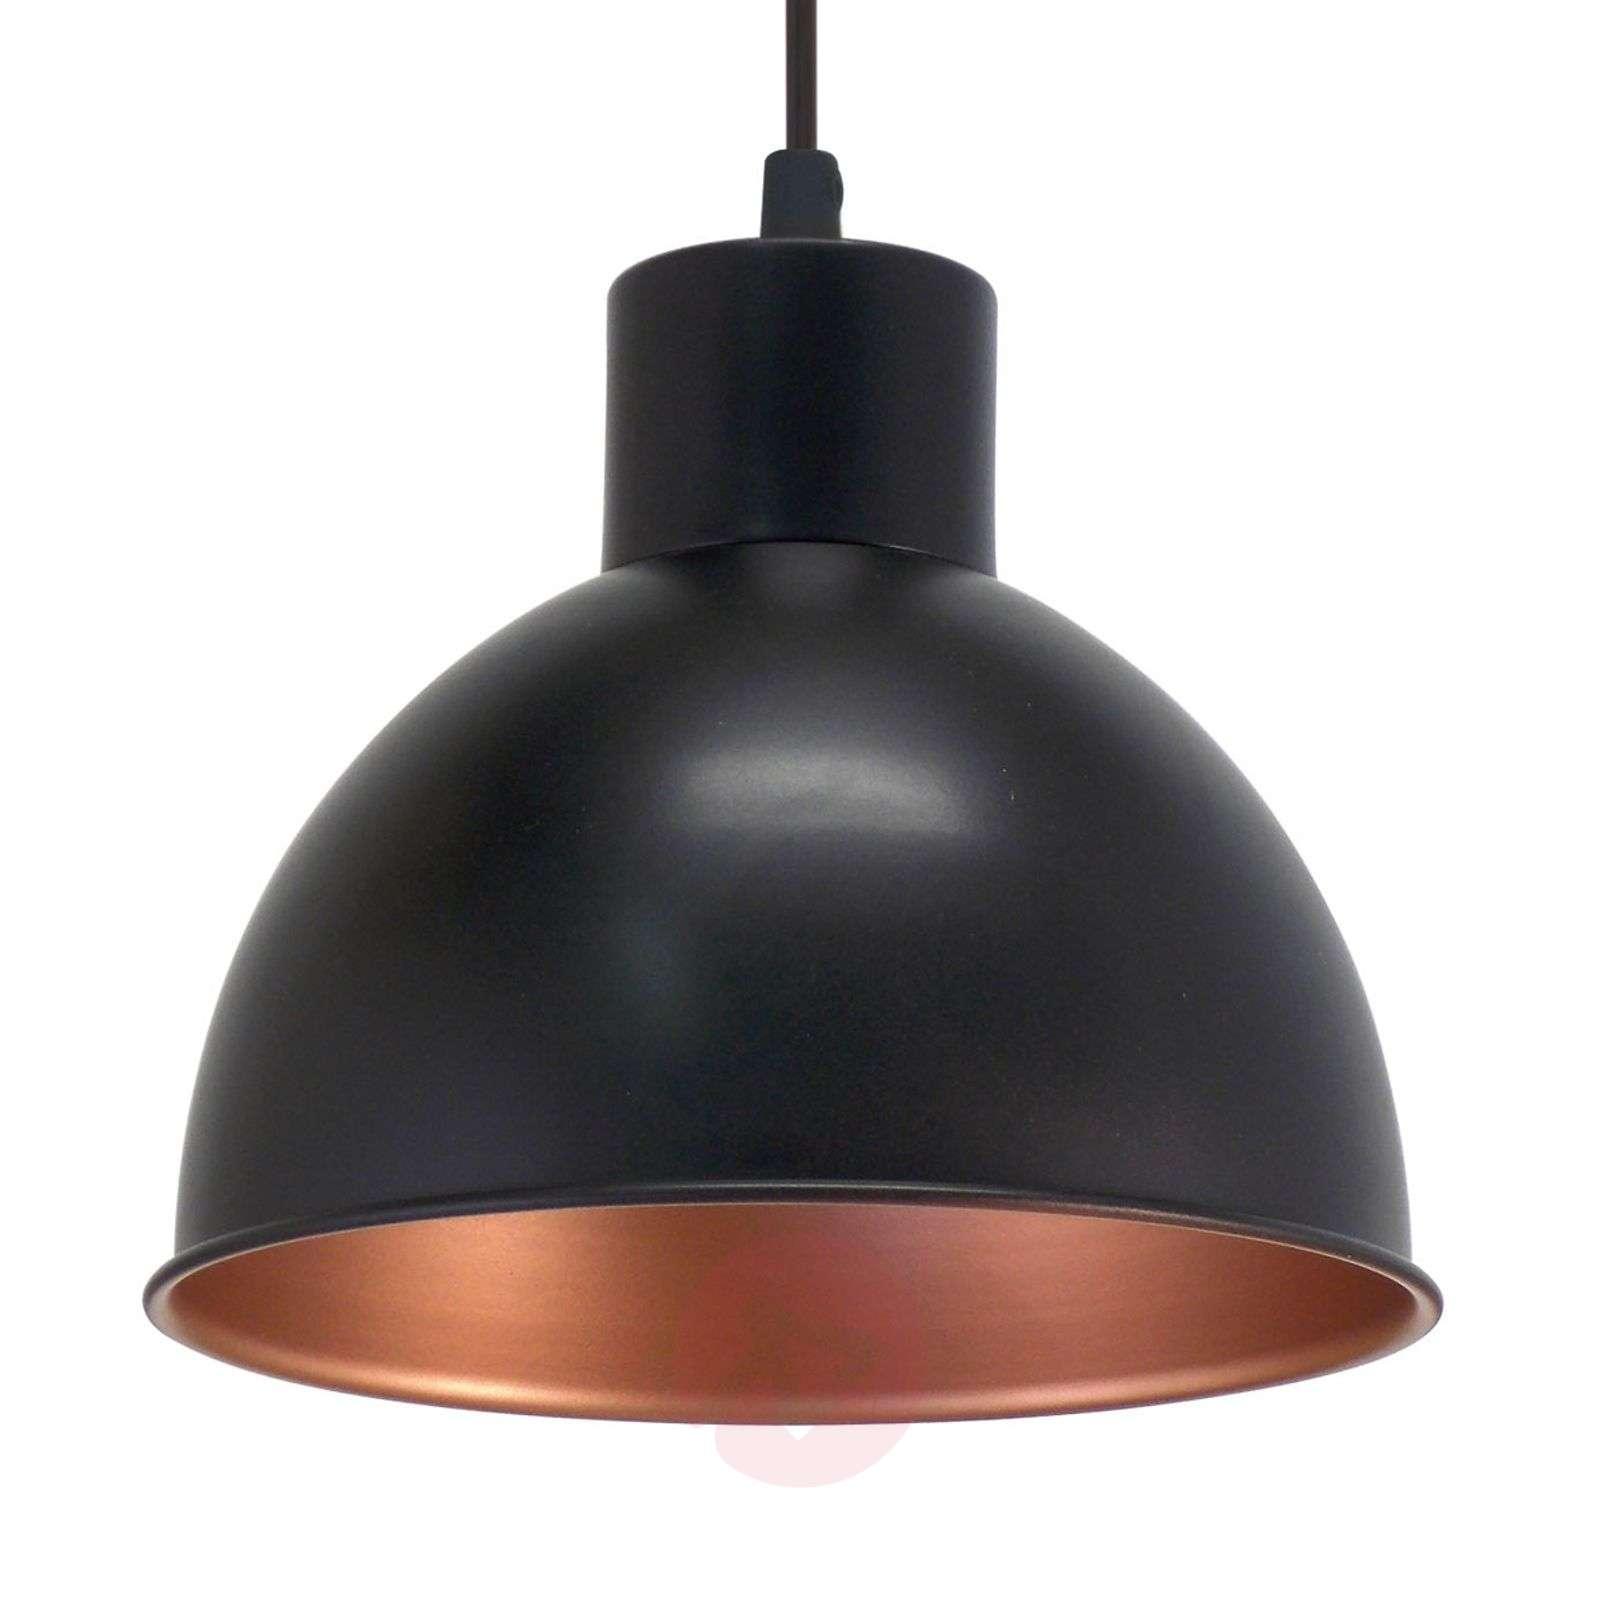 Musta riippuvalaisin Andrin sisäpuoli kuparia-3031601-01